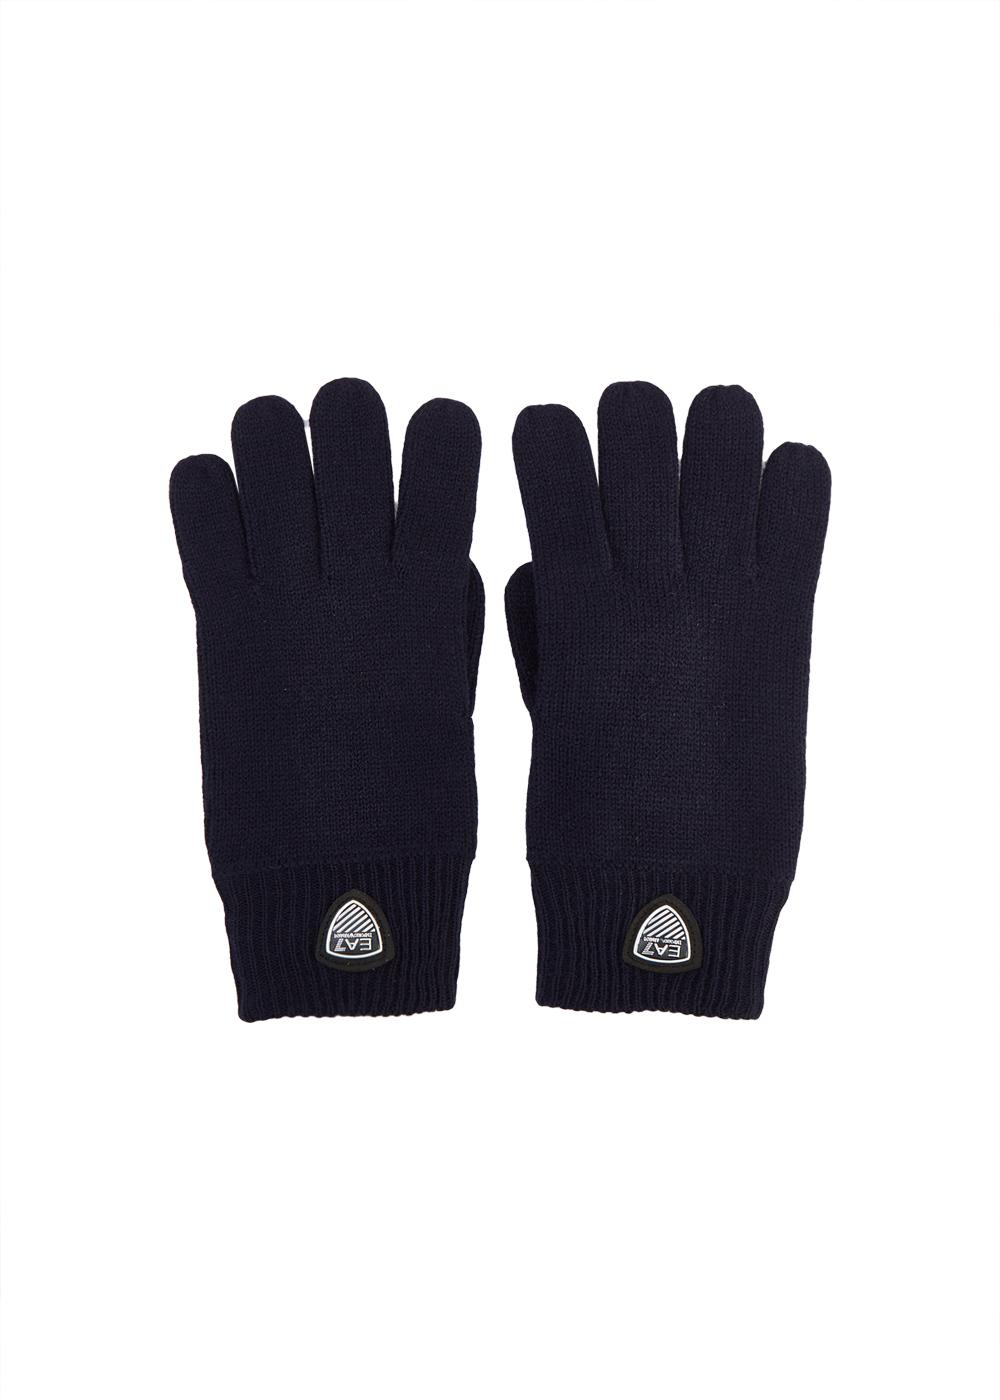 Купить EA7 перчатки